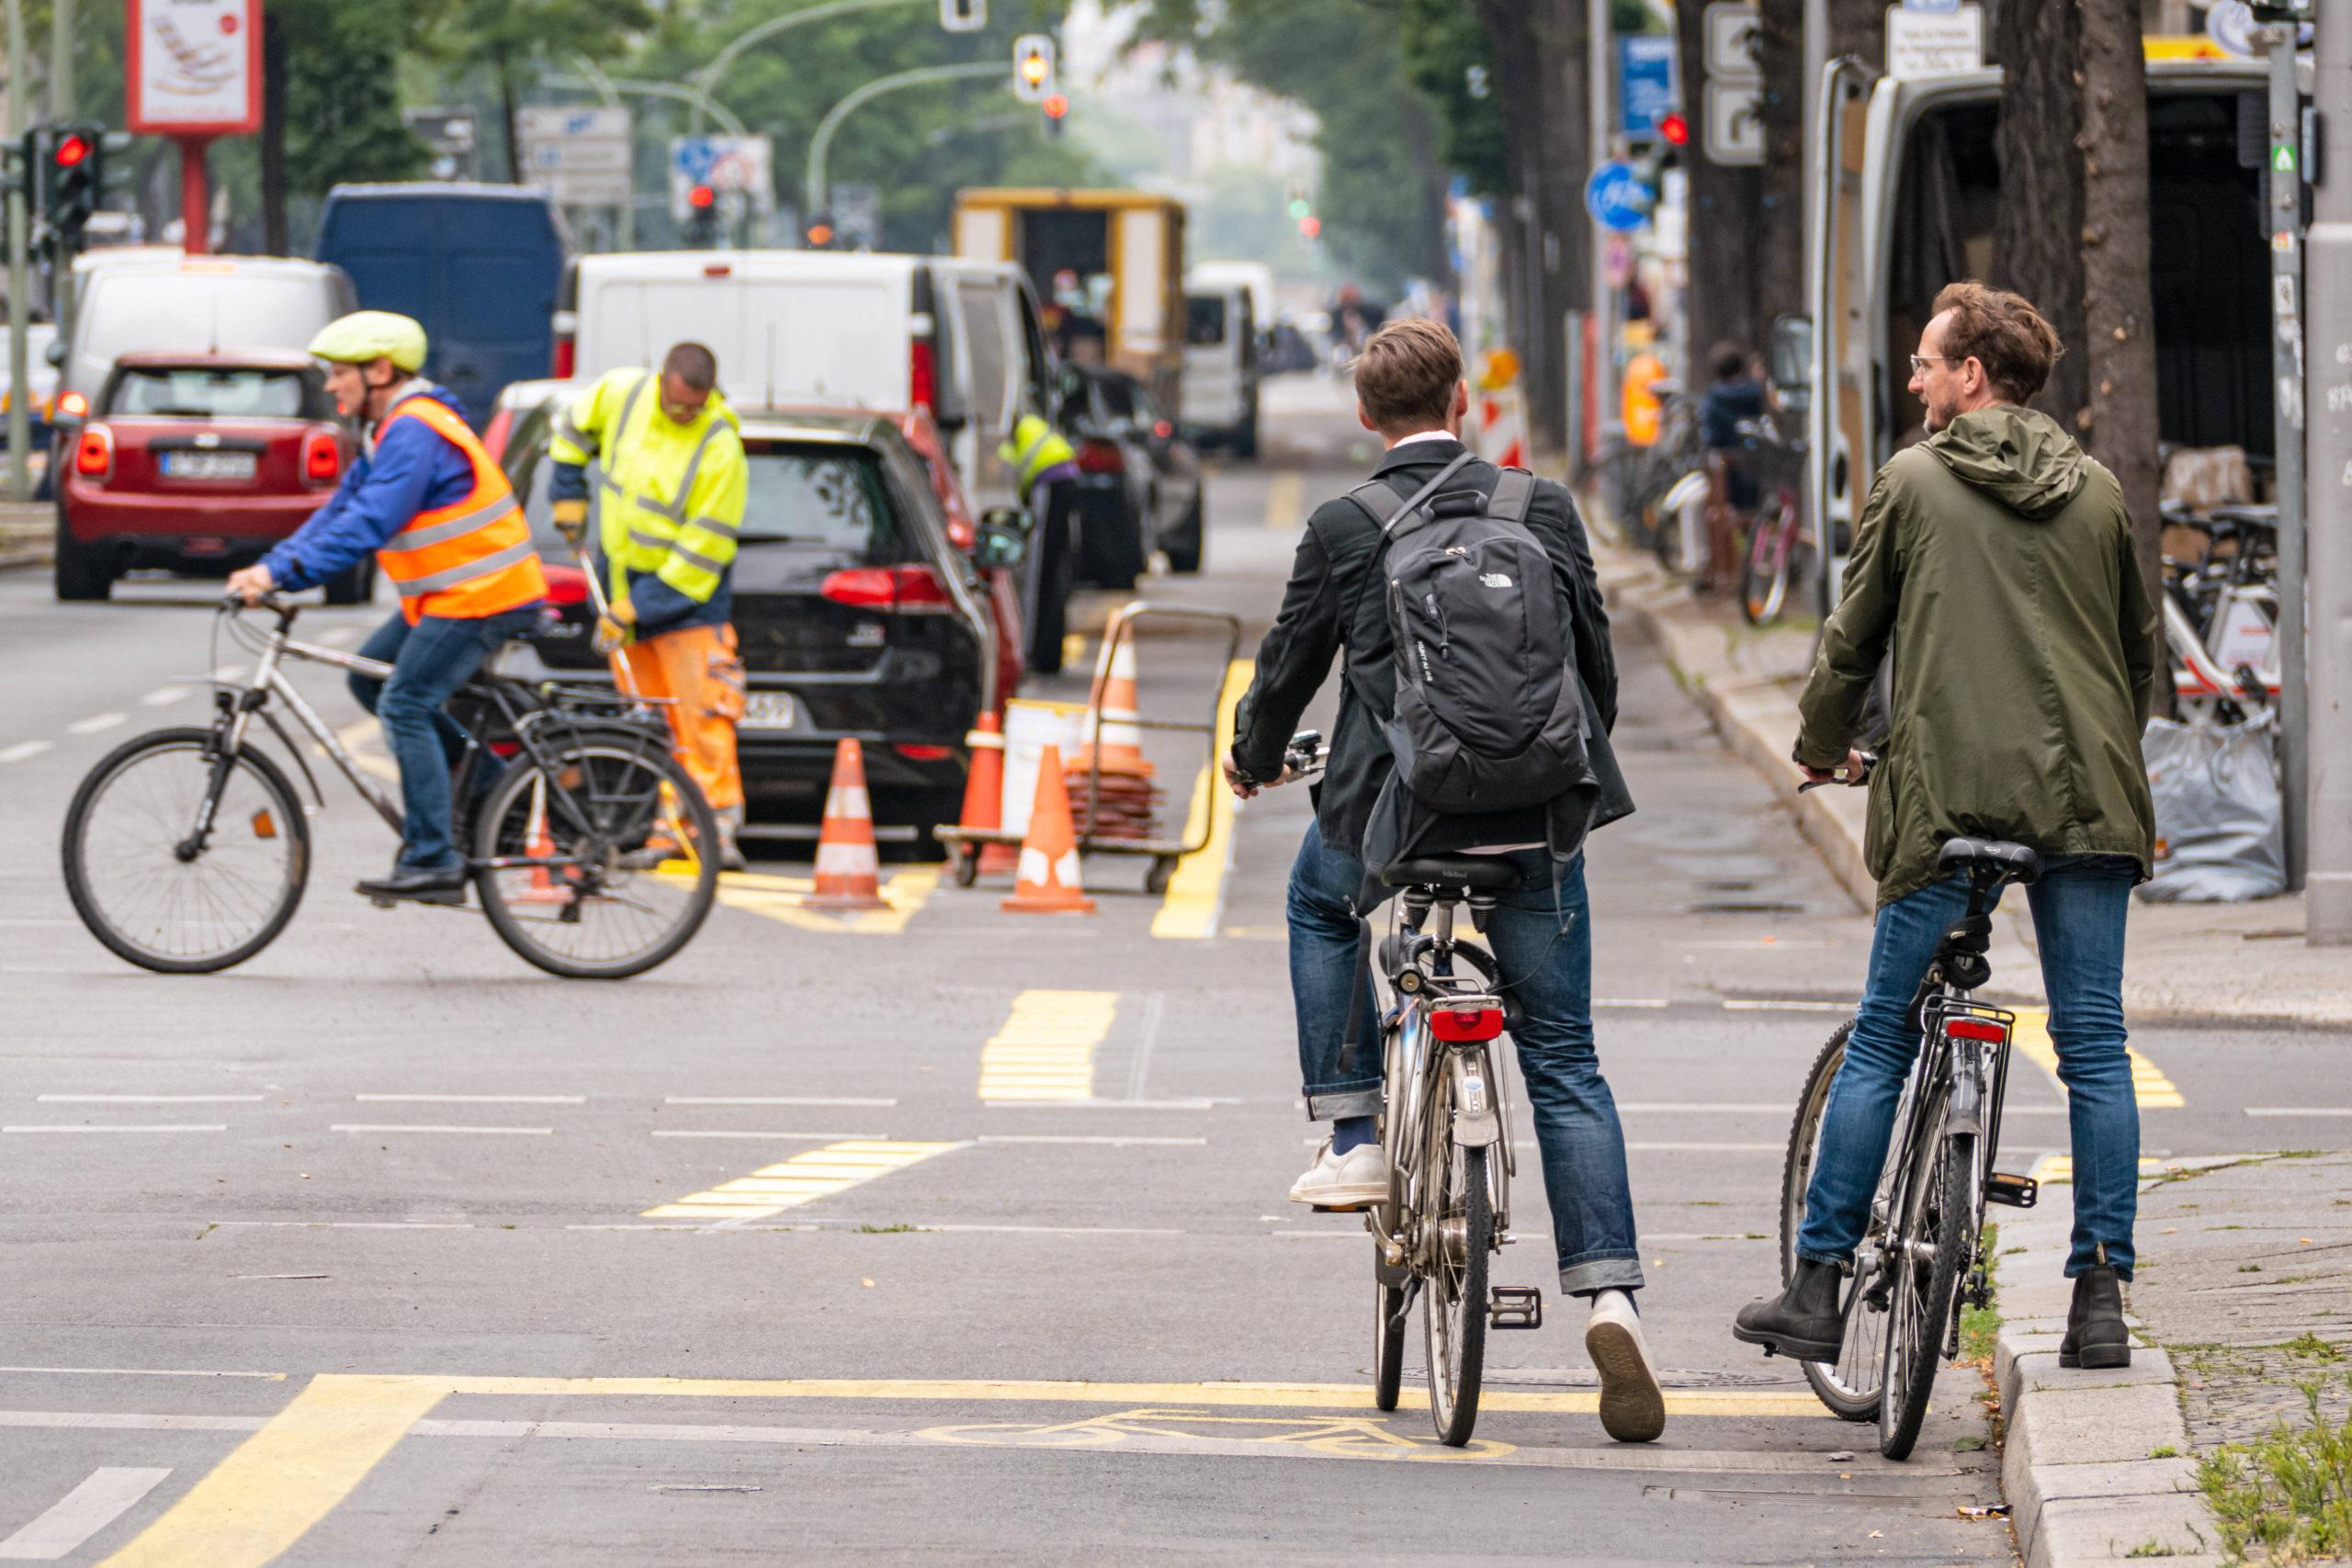 Radweg-Baustelle in der Kantstraße: kein Beispiel für die gelungene Verkehrswende, sondern eine Katastrophe. Foto: Imago/Stefan Zeitz